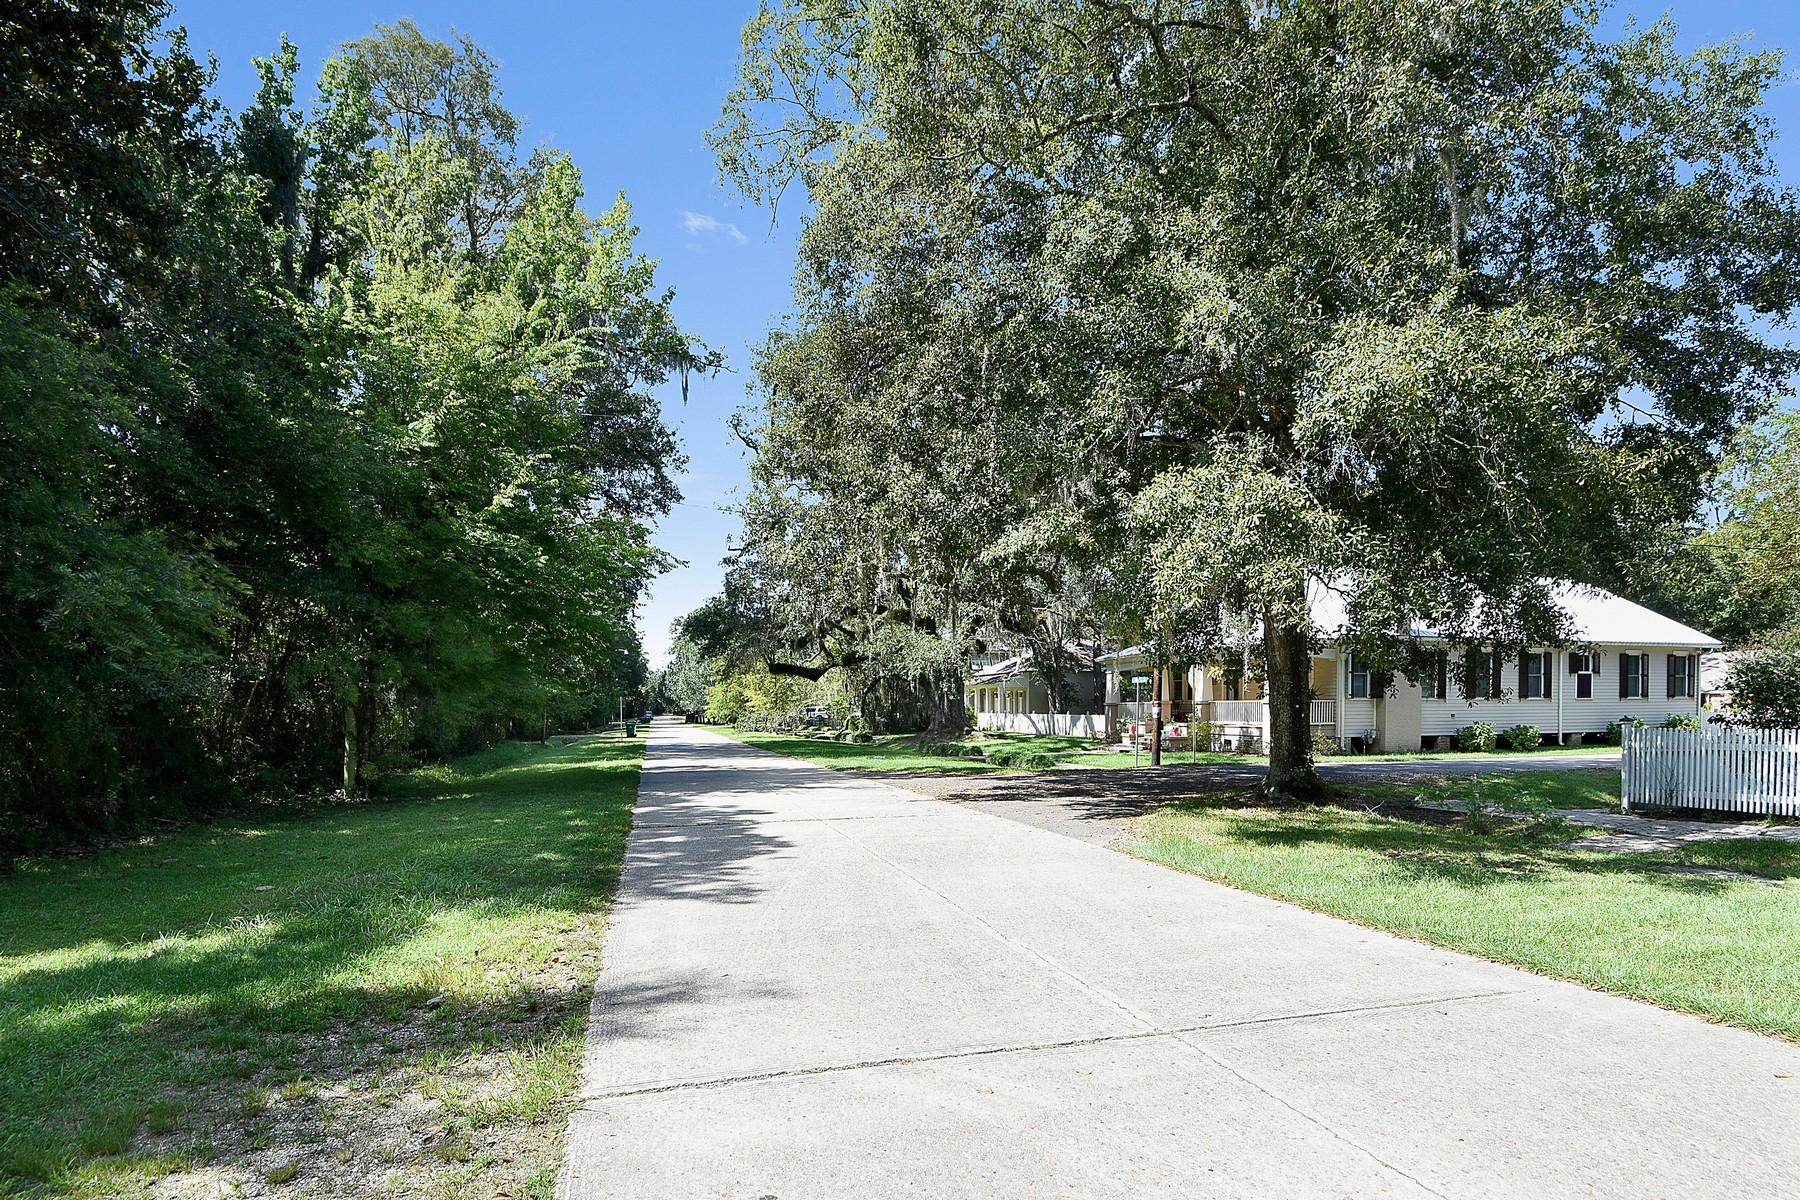 Terreno por un Venta en South America St Covington, Louisiana, 70433 Estados Unidos